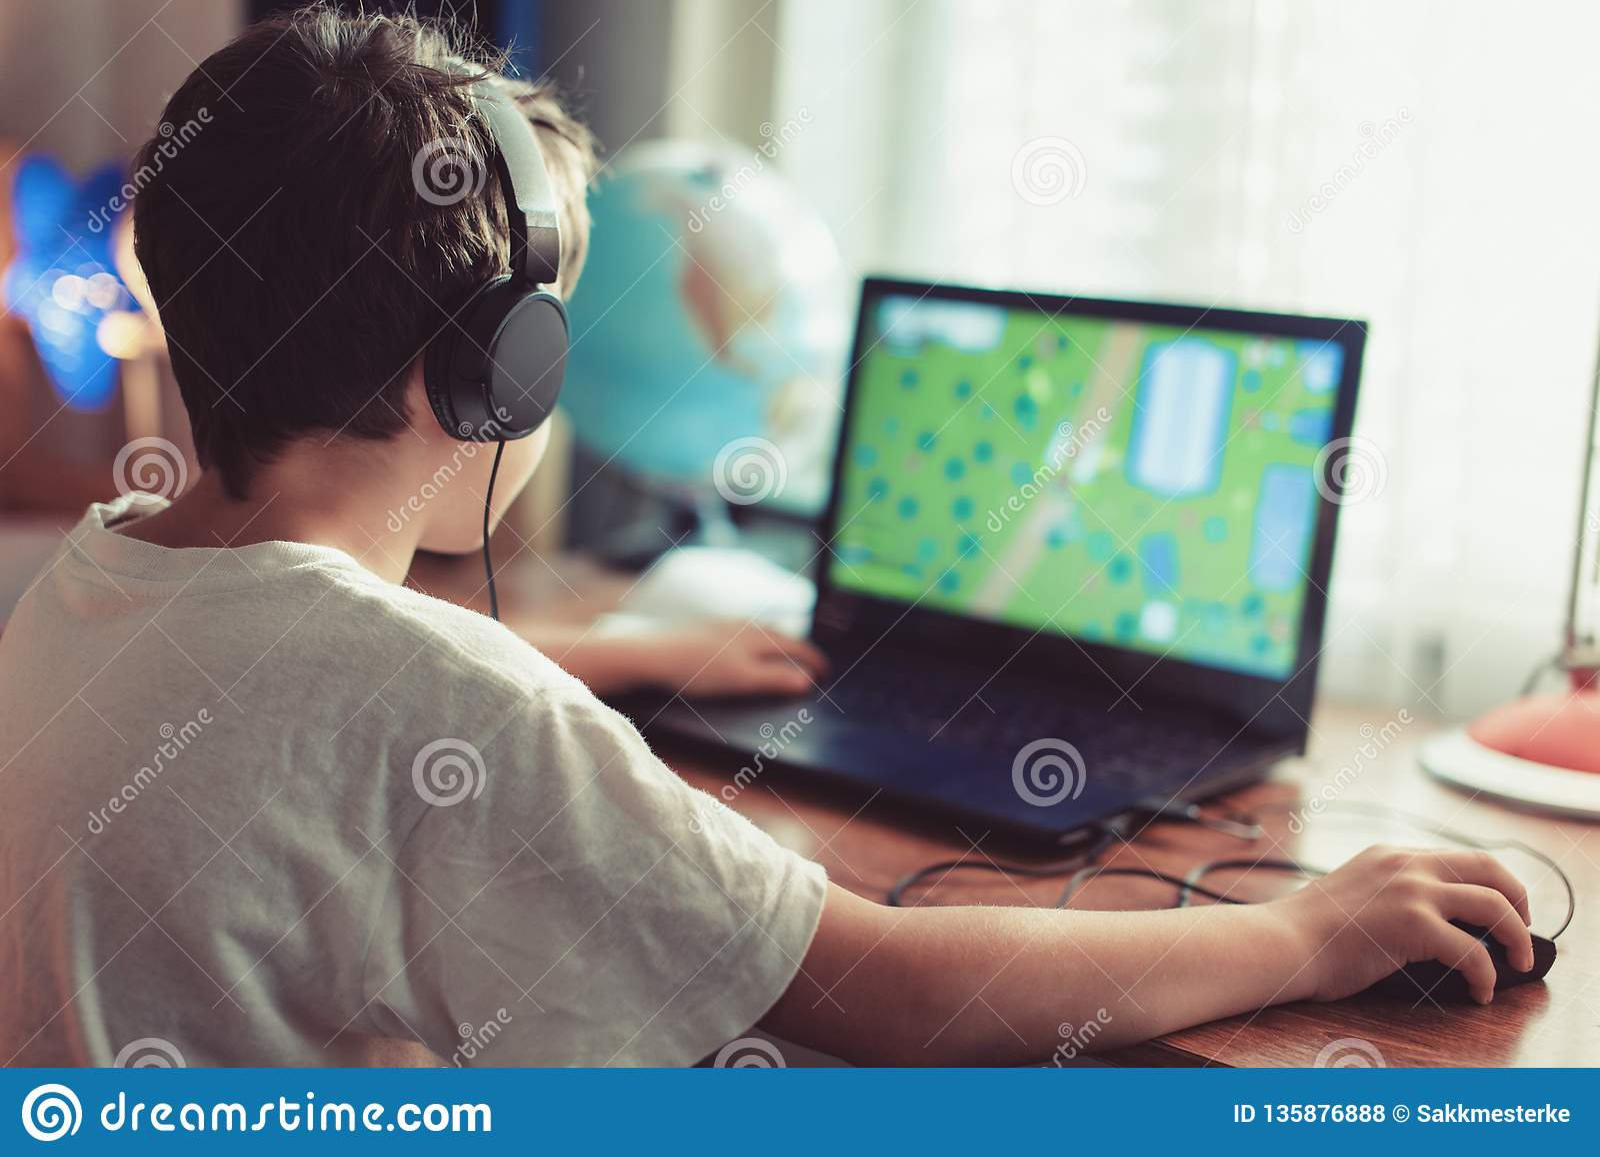 Wenig abhängiges Gamerkind, das zu Hause auf Laptop spielt